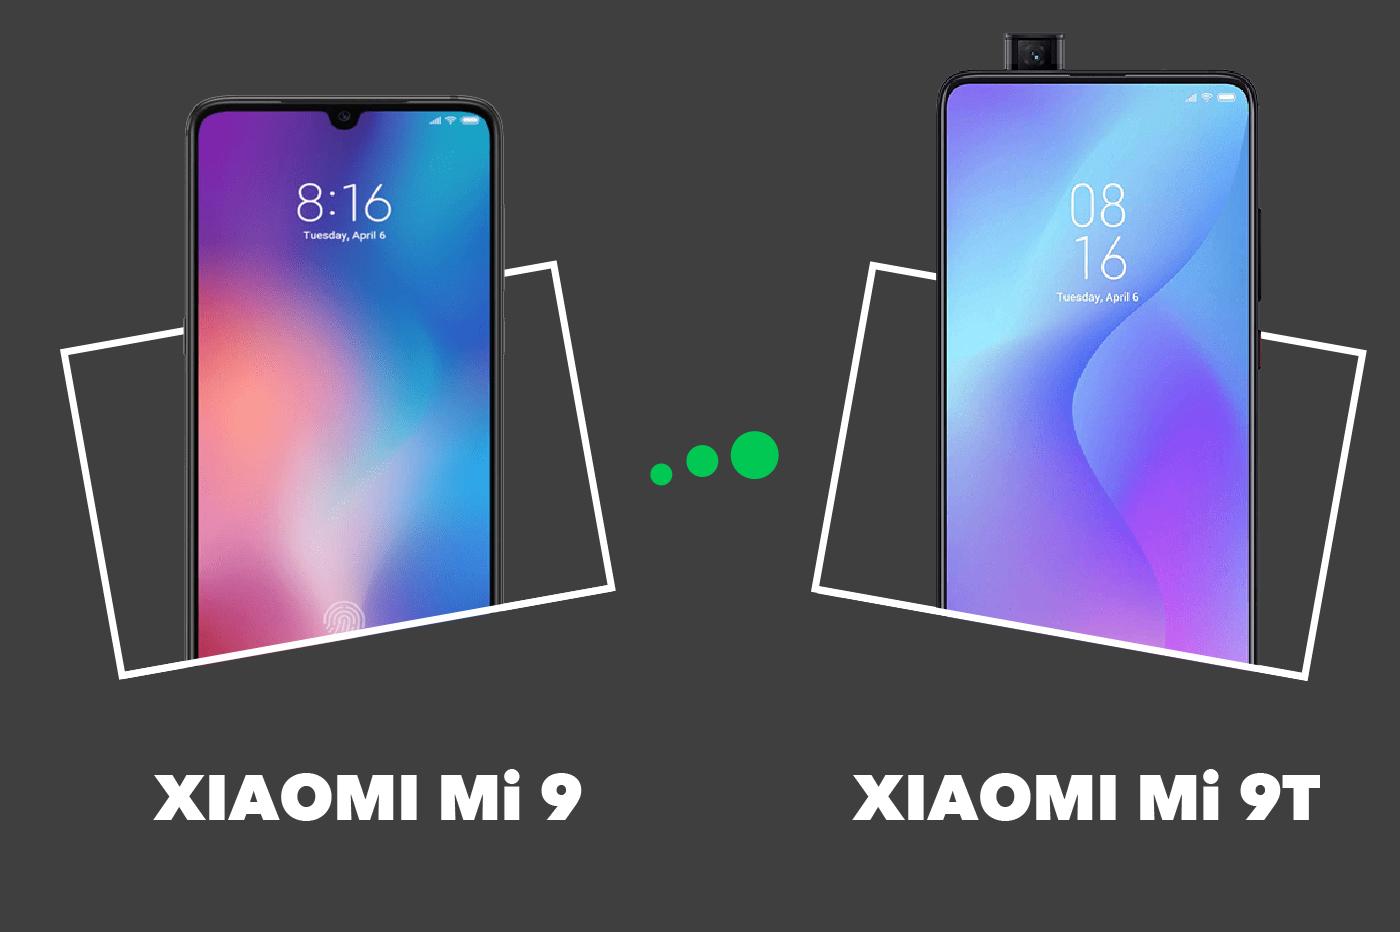 xiaomi-mi9-vs-xiaomi-mi9t